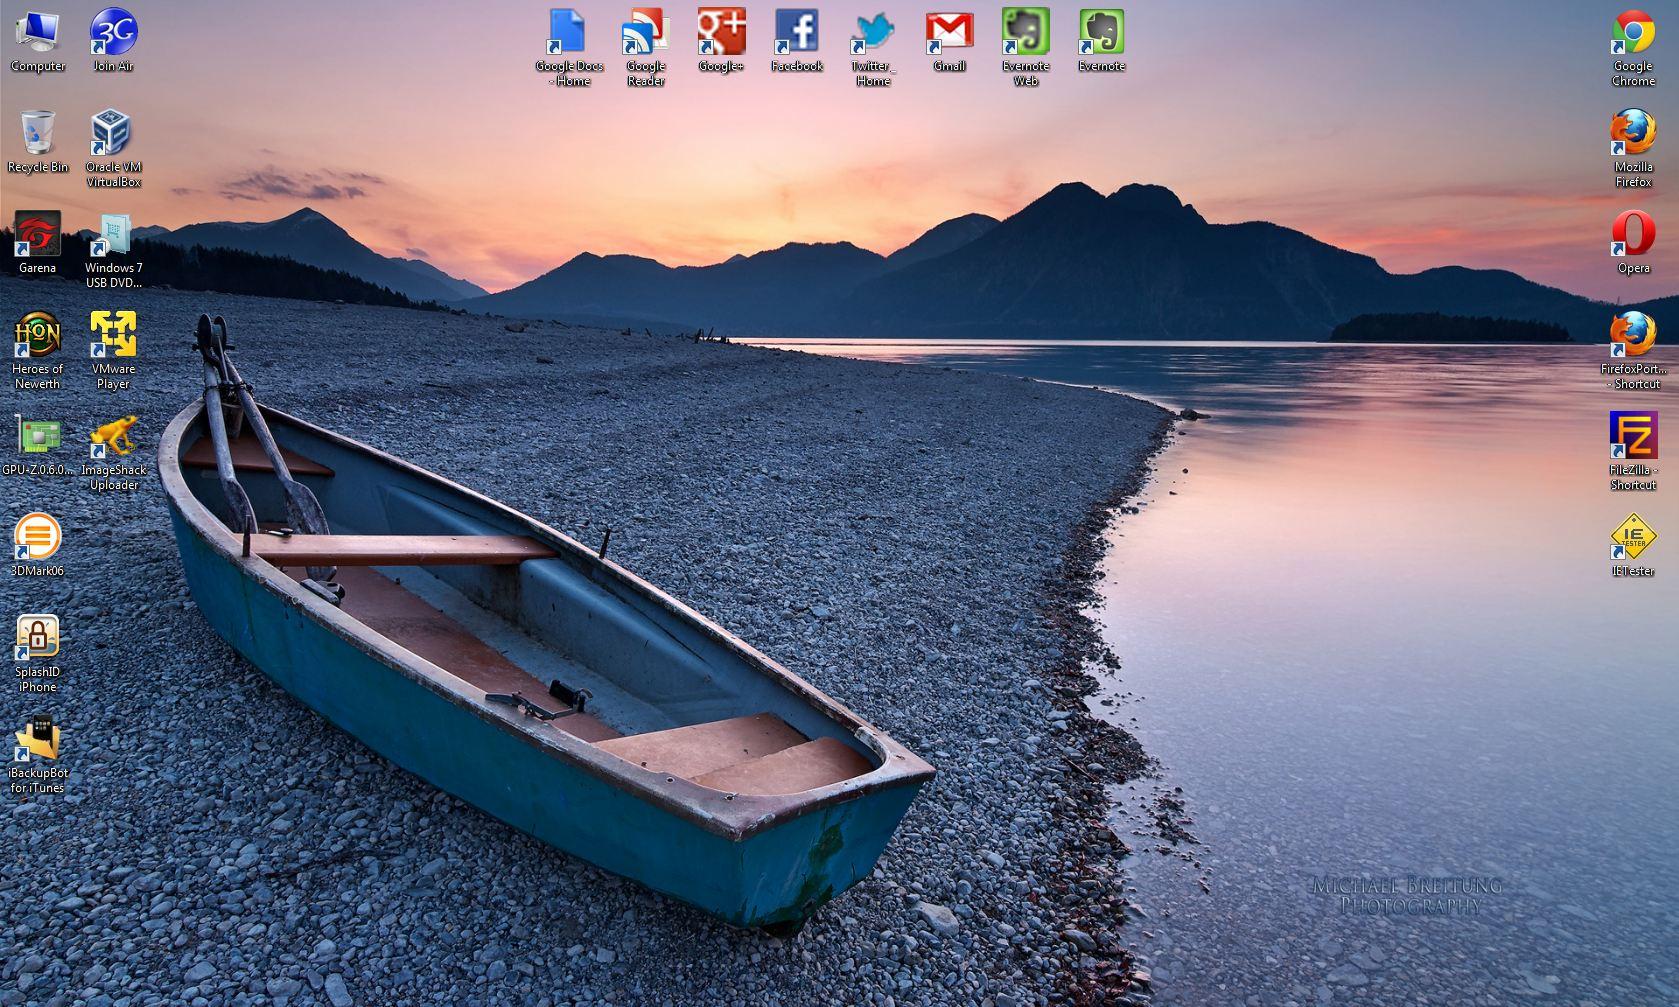 Ordered Desktop